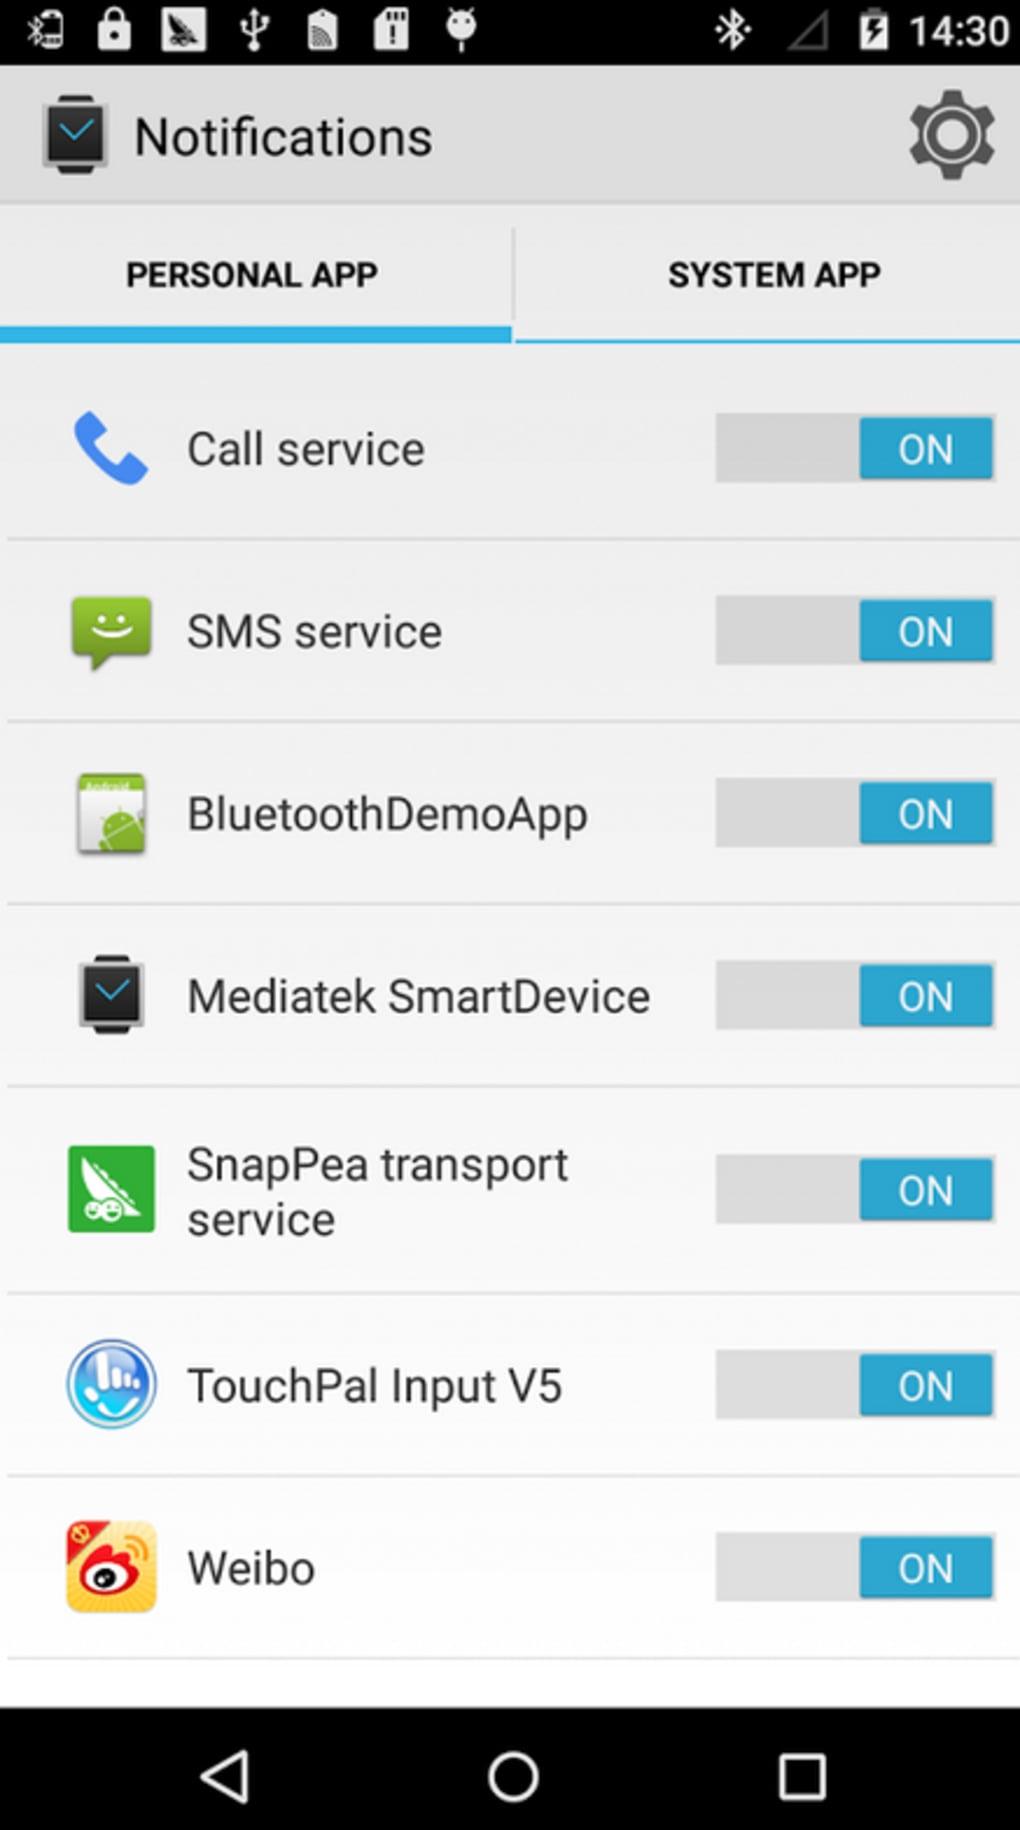 Mediatek SmartDevice for Android - Download